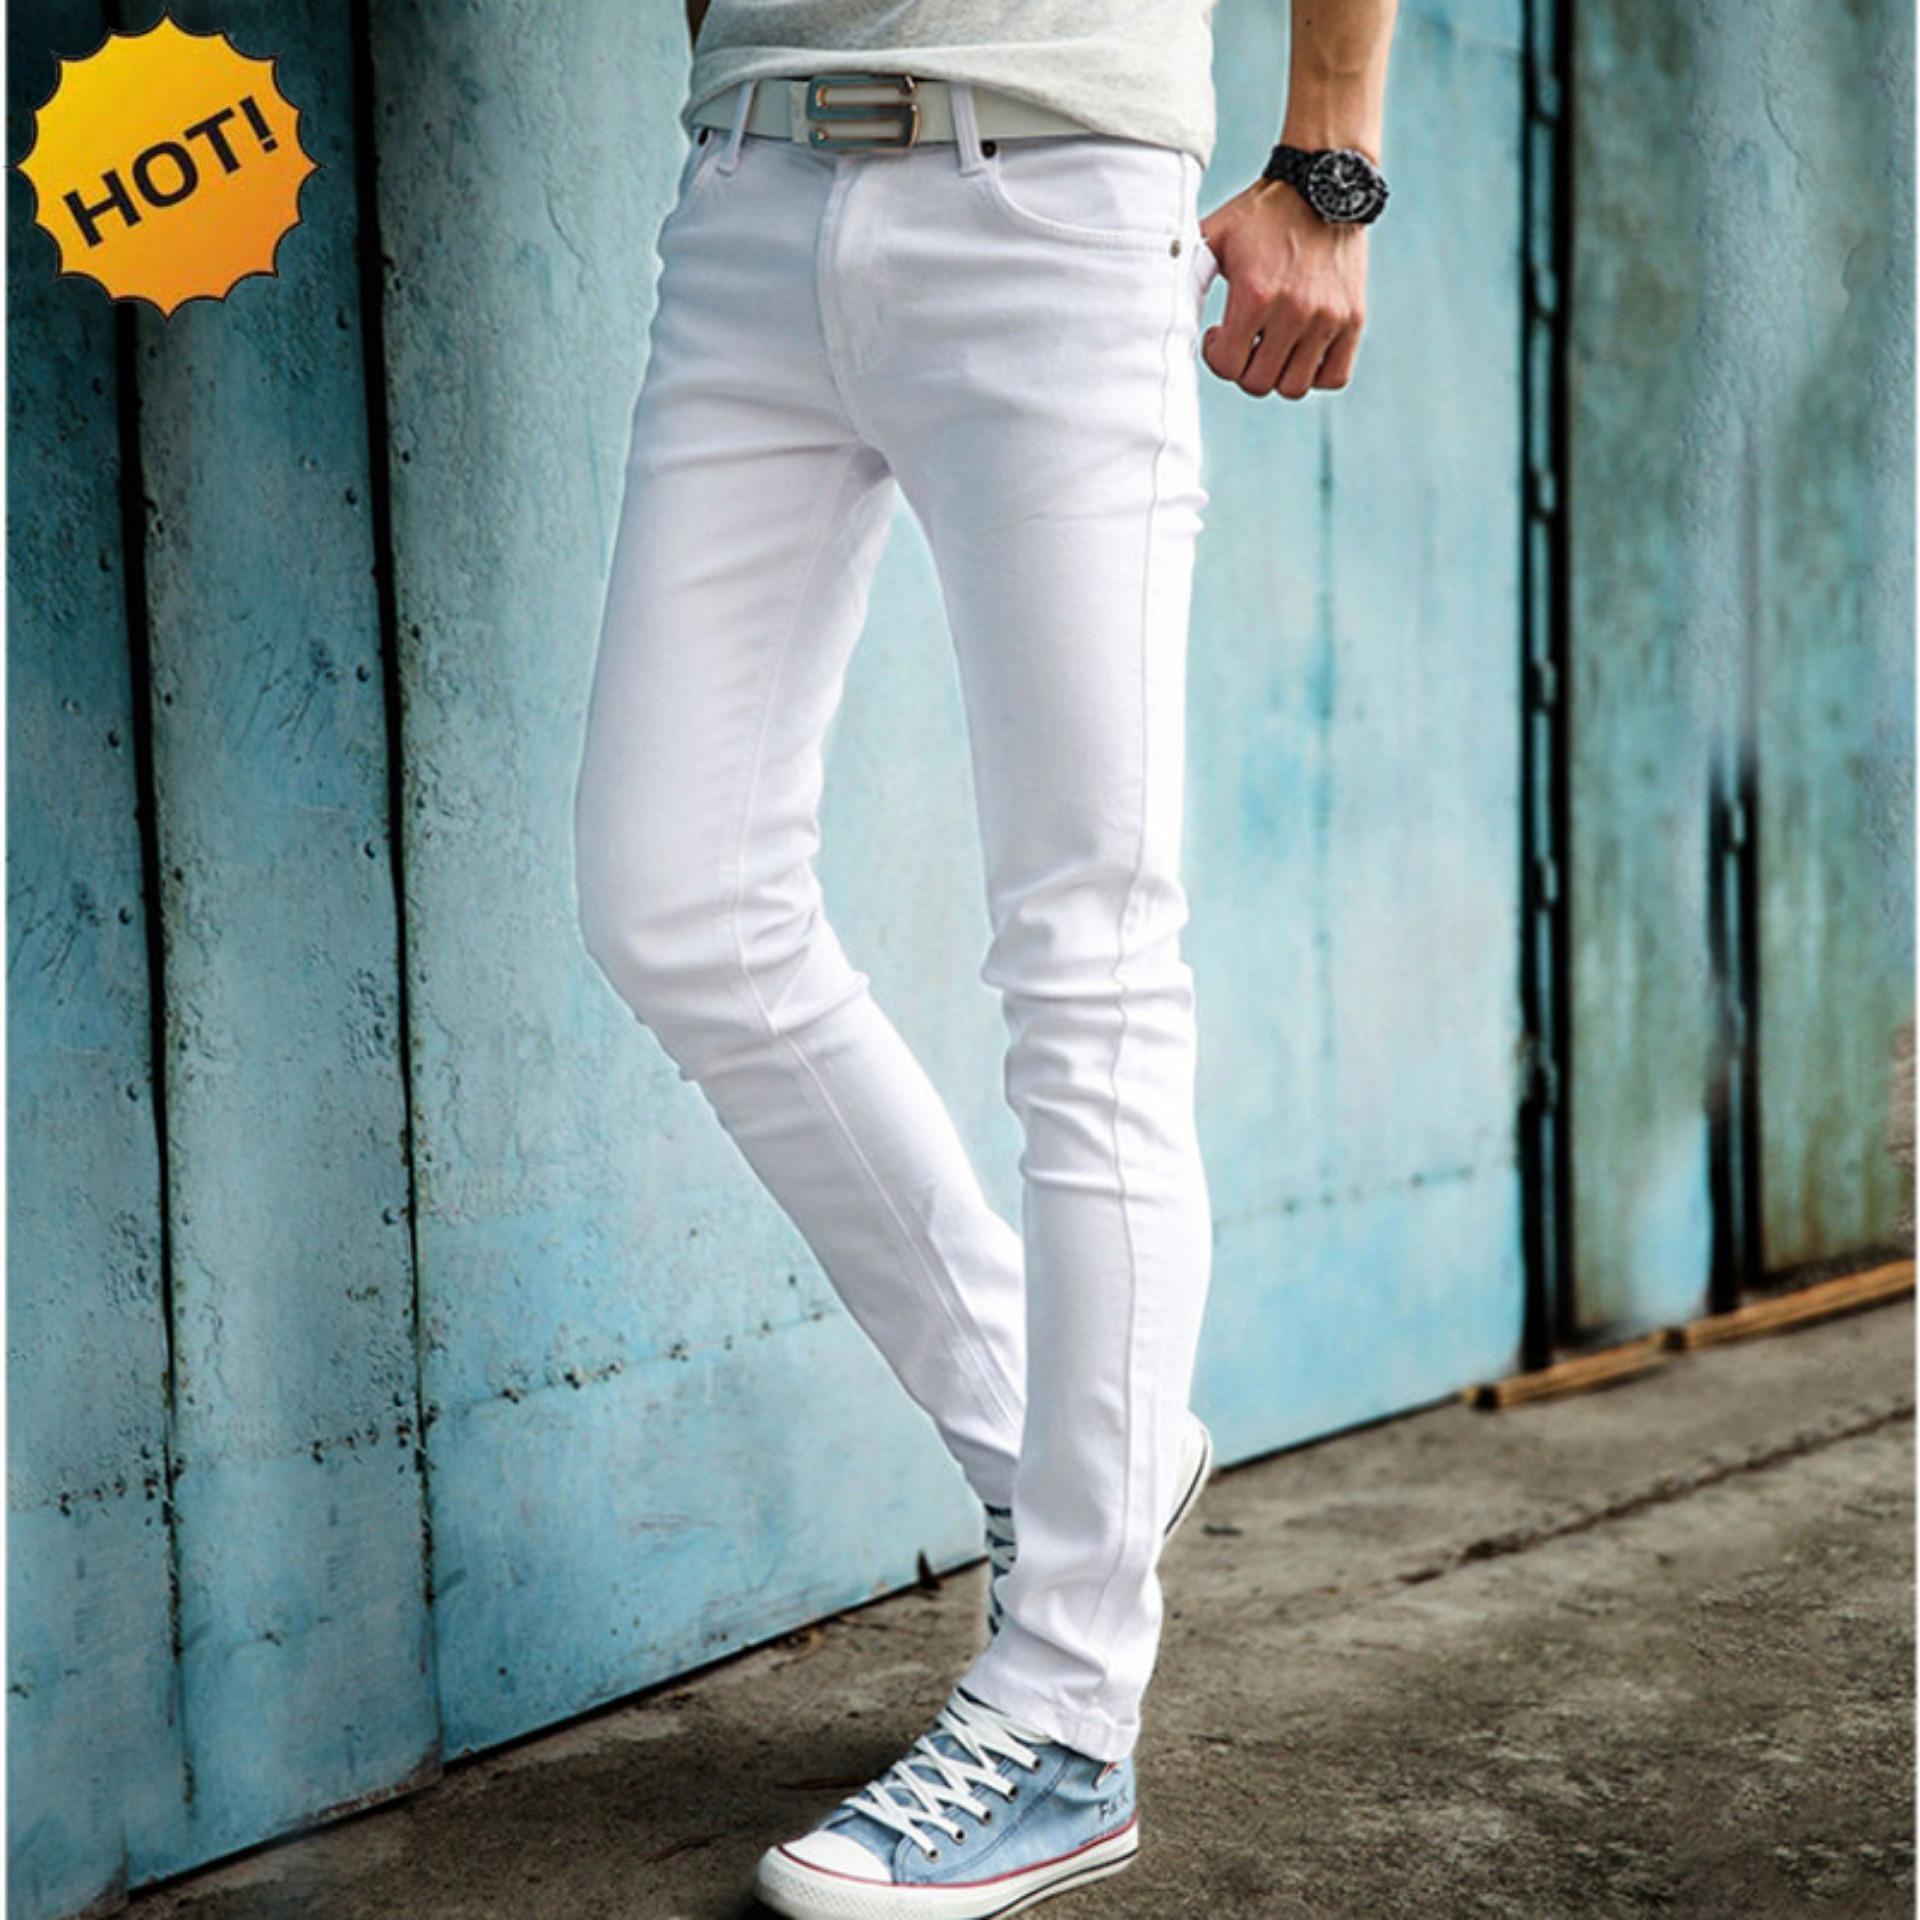 Nusantara Jeans - Celana Panjang Skinny Pria Berbahan Denim Street - Murah Jahitan Rapi Resletig Kuat - Putih